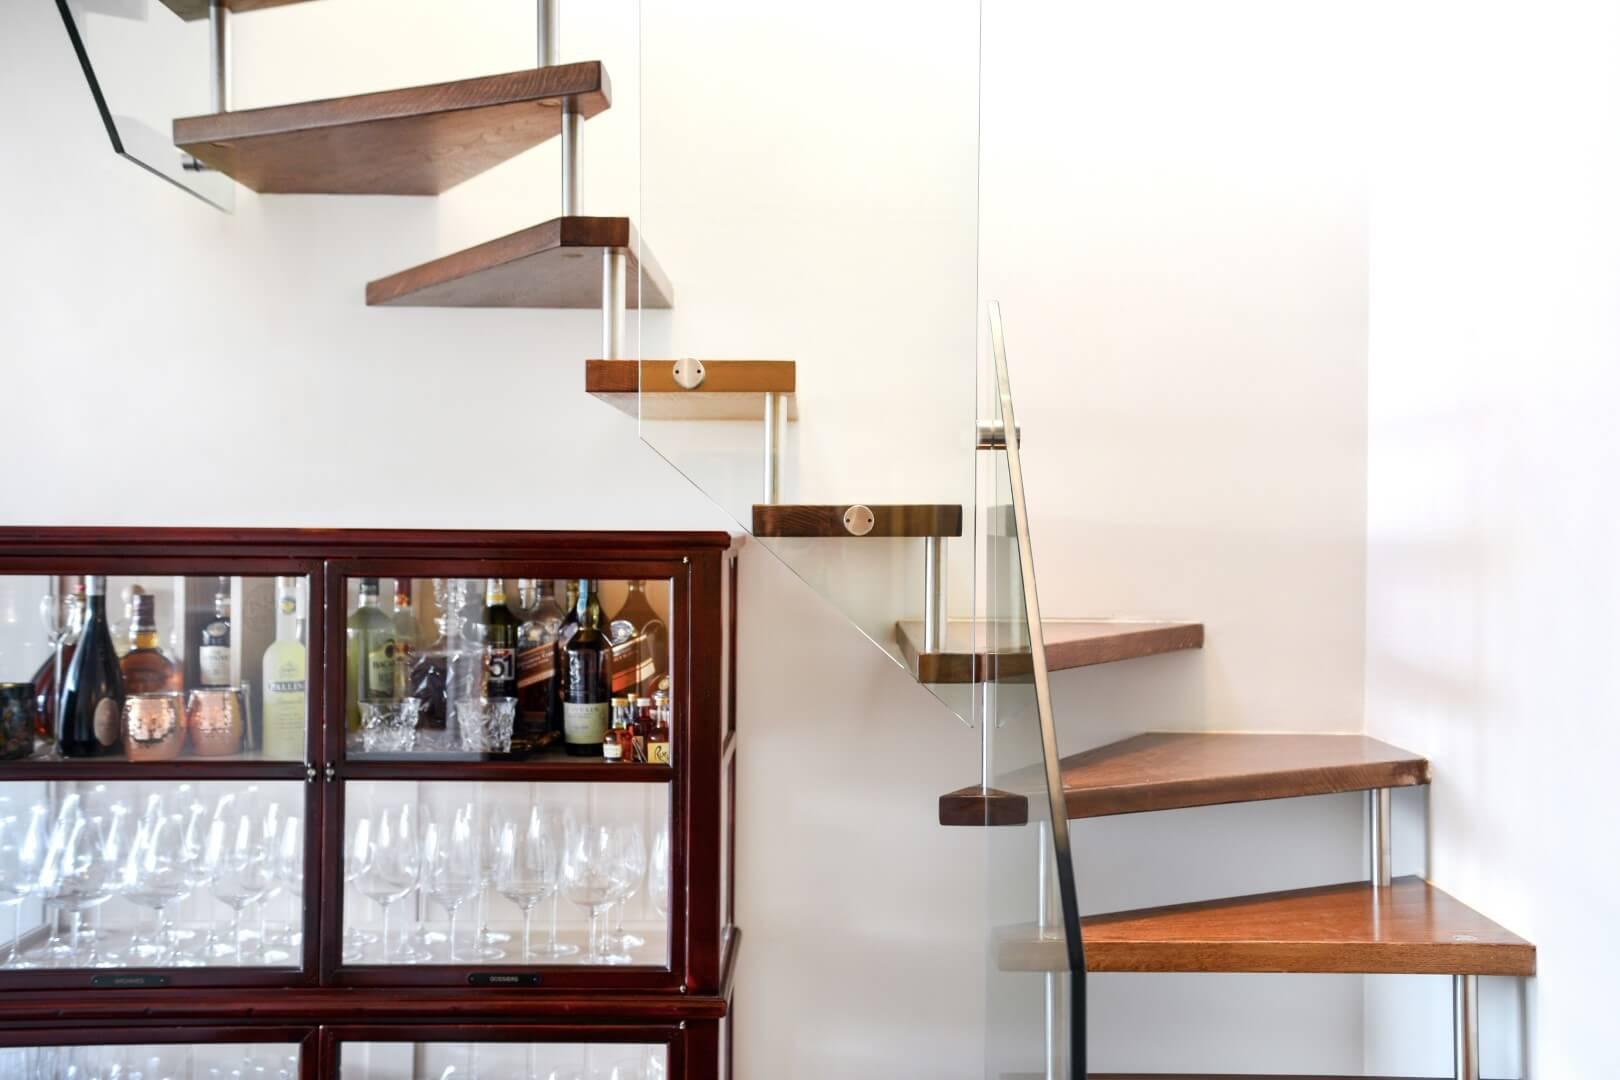 מדרגות עץ מרחפות עם ספייסרים מנירוסטה ועץ אלון מגוון לפי פרקט עם מעקה זכוכית